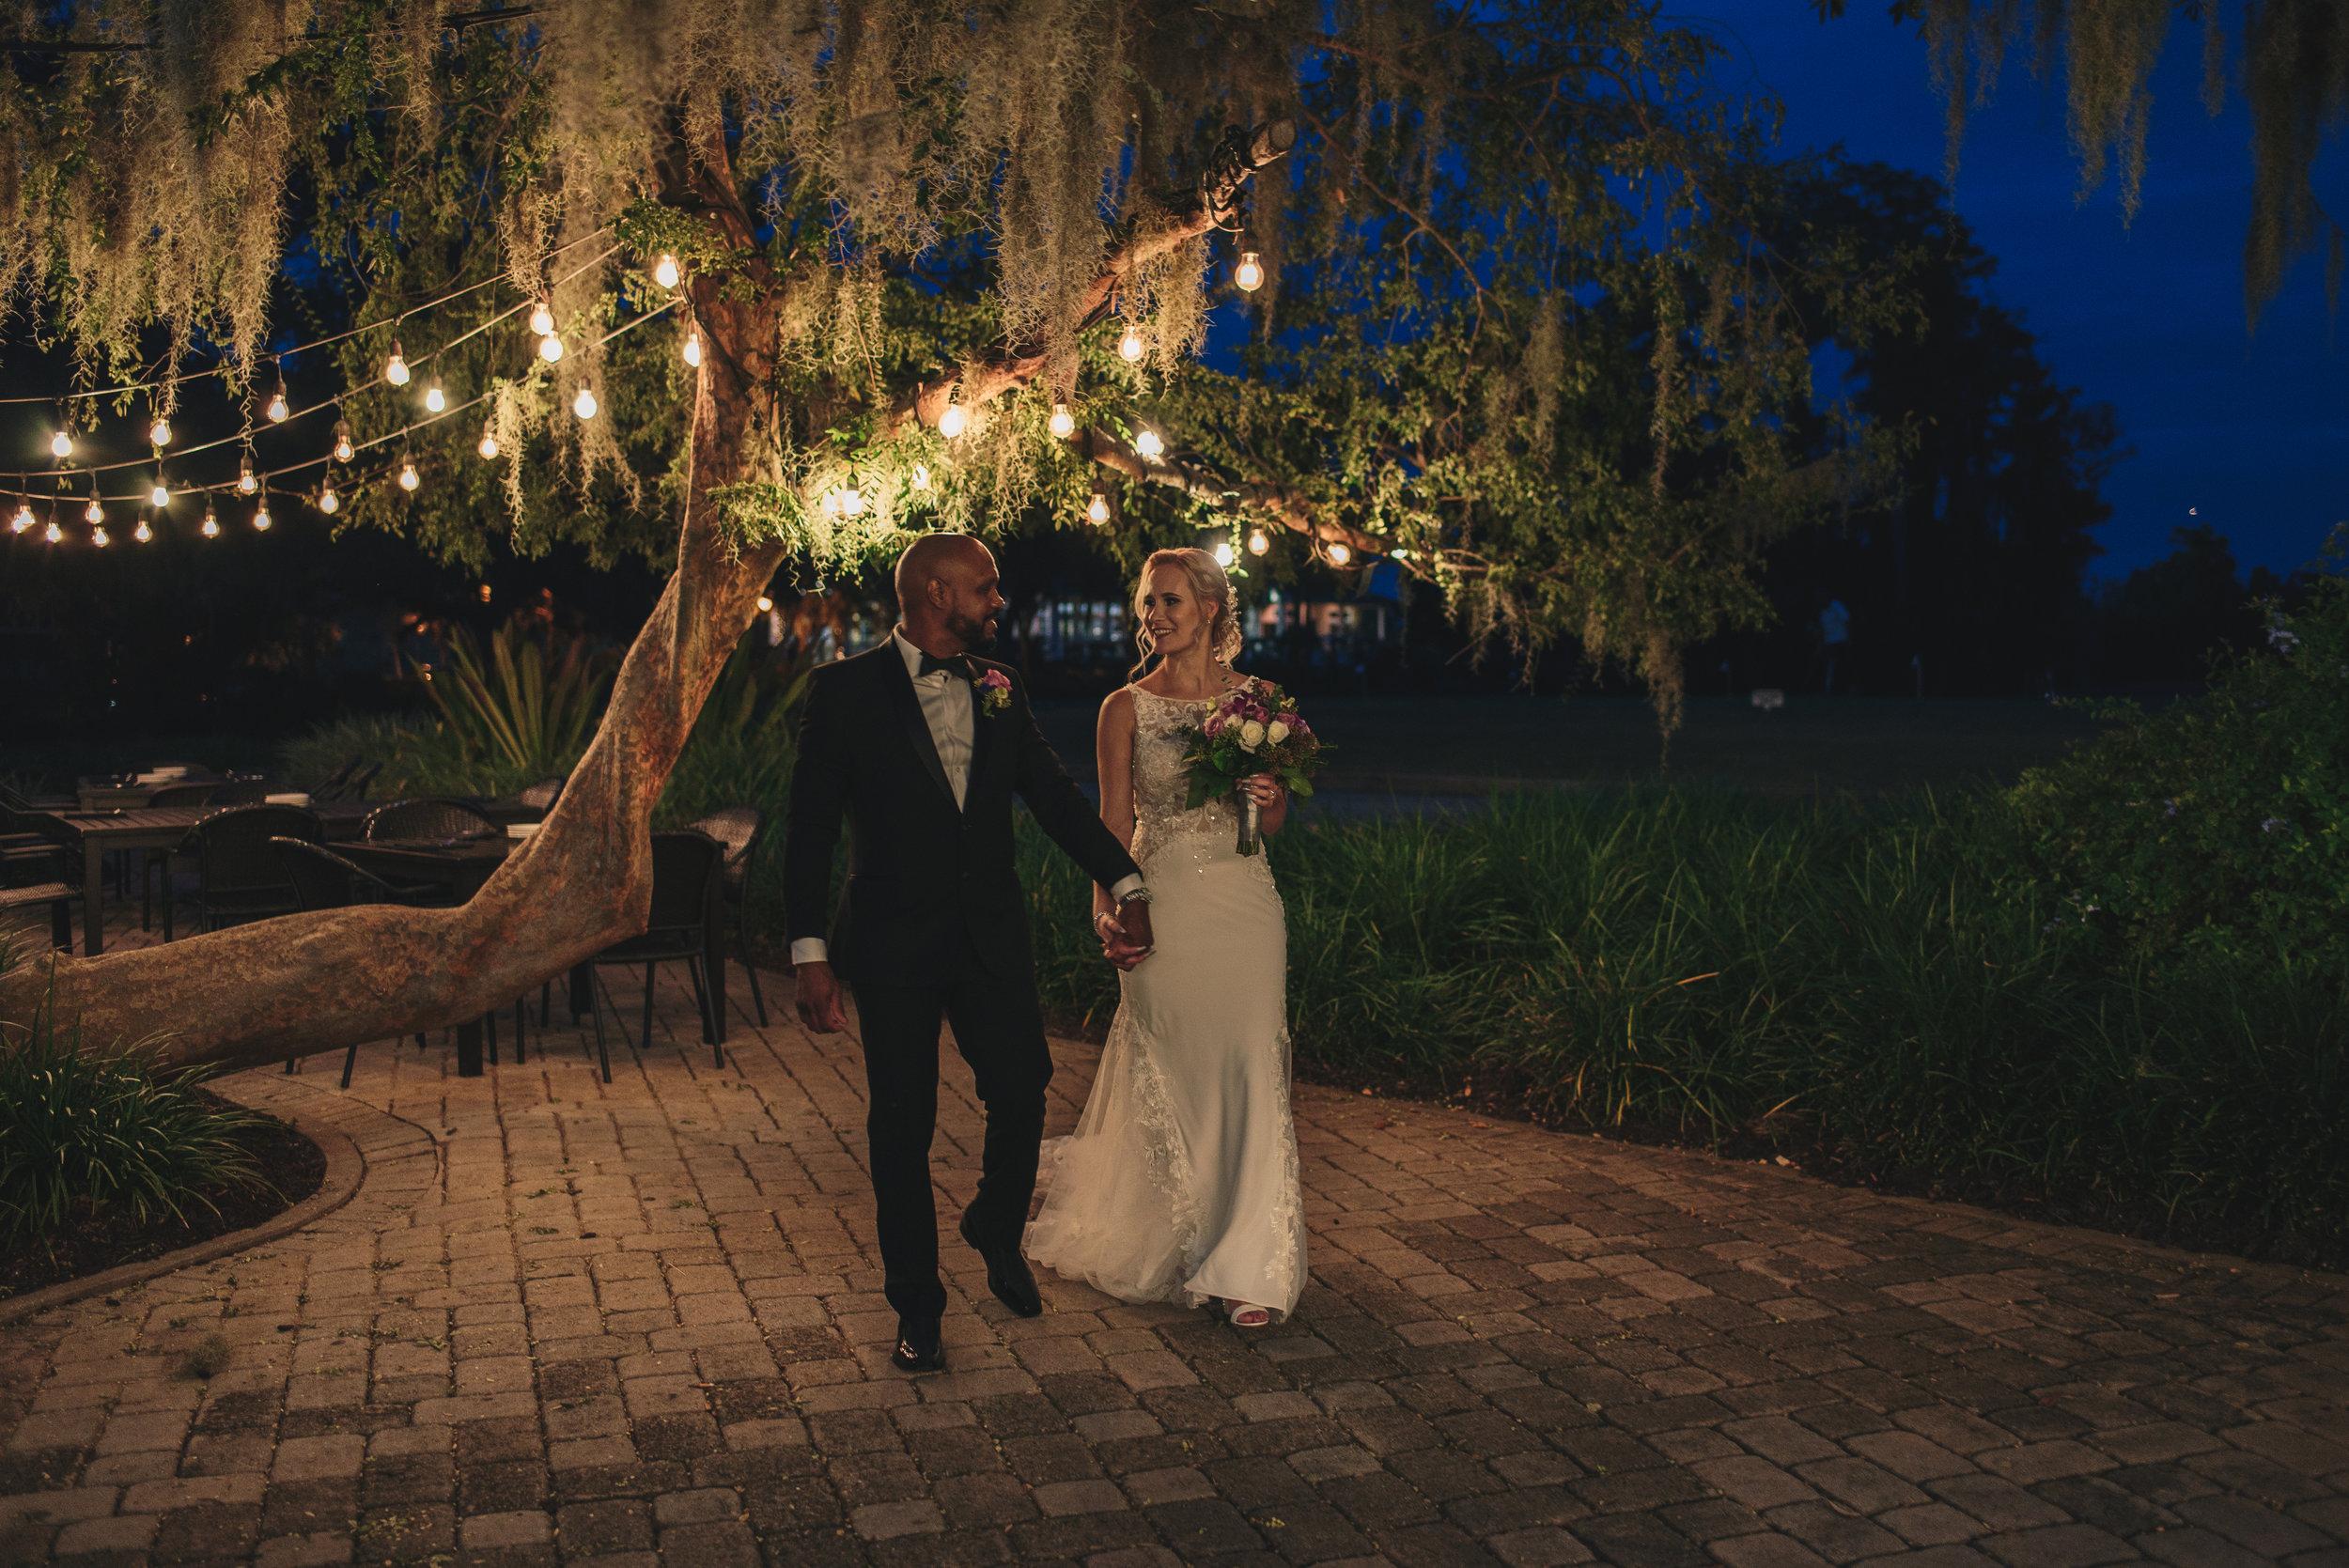 Los-Vargas-Photo-Wedding-Historic-Dubsdread-Ballroom-8935.jpg